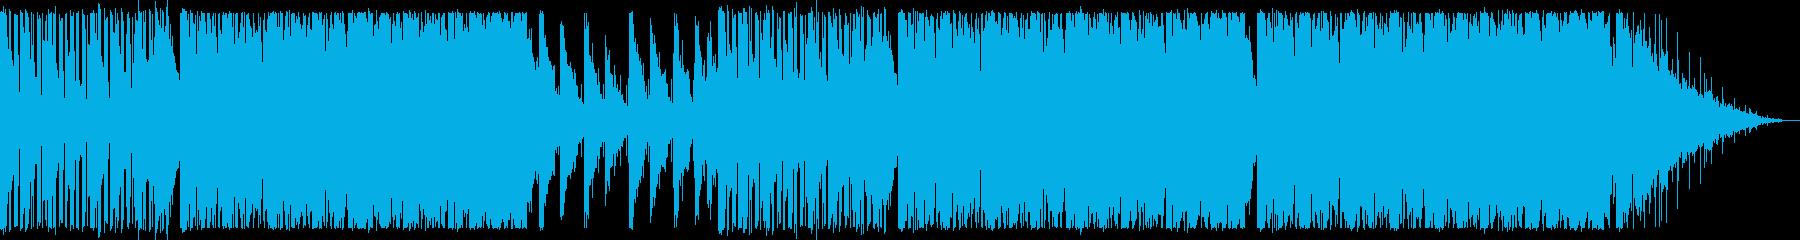 涼しい/ディープハウス_No408の再生済みの波形